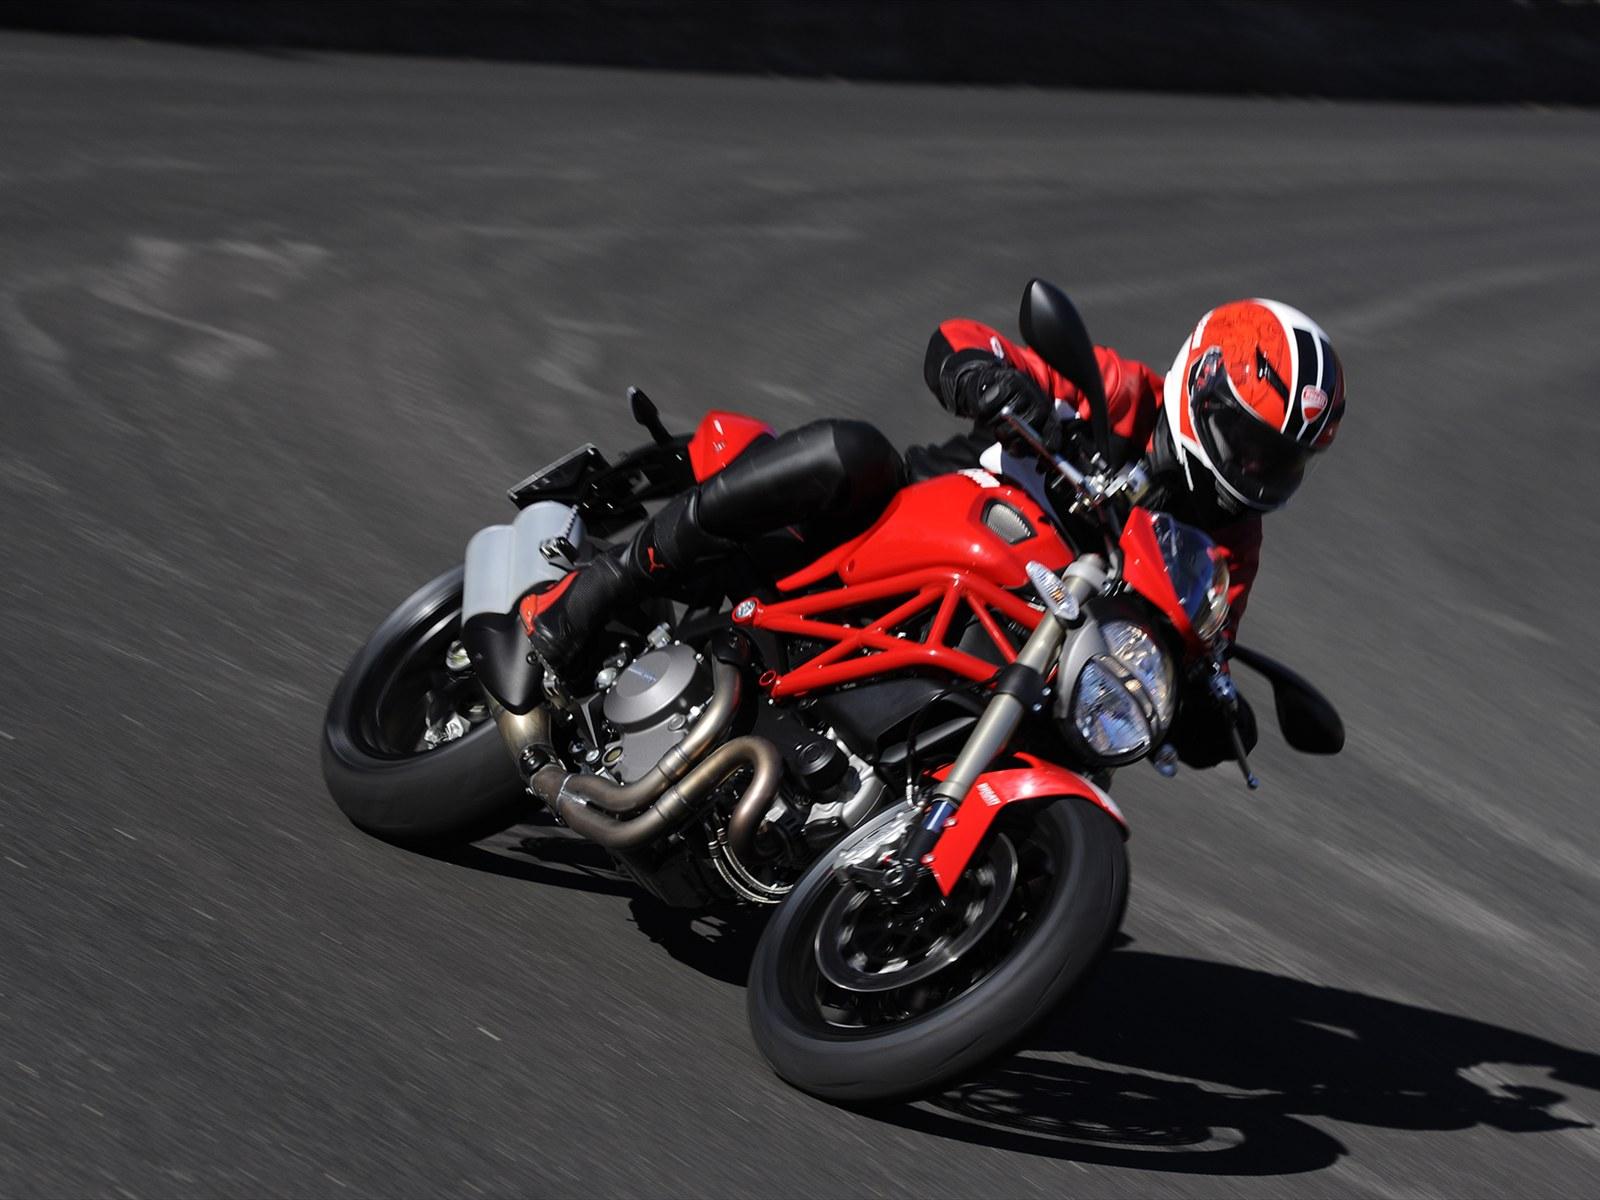 http://3.bp.blogspot.com/-2ZE9bb3aDVM/TeKG7VfNomI/AAAAAAAAAUc/NtcU3soDA4o/s1600/2012-Ducati-Monster-1100-EVO-In-Action.jpg